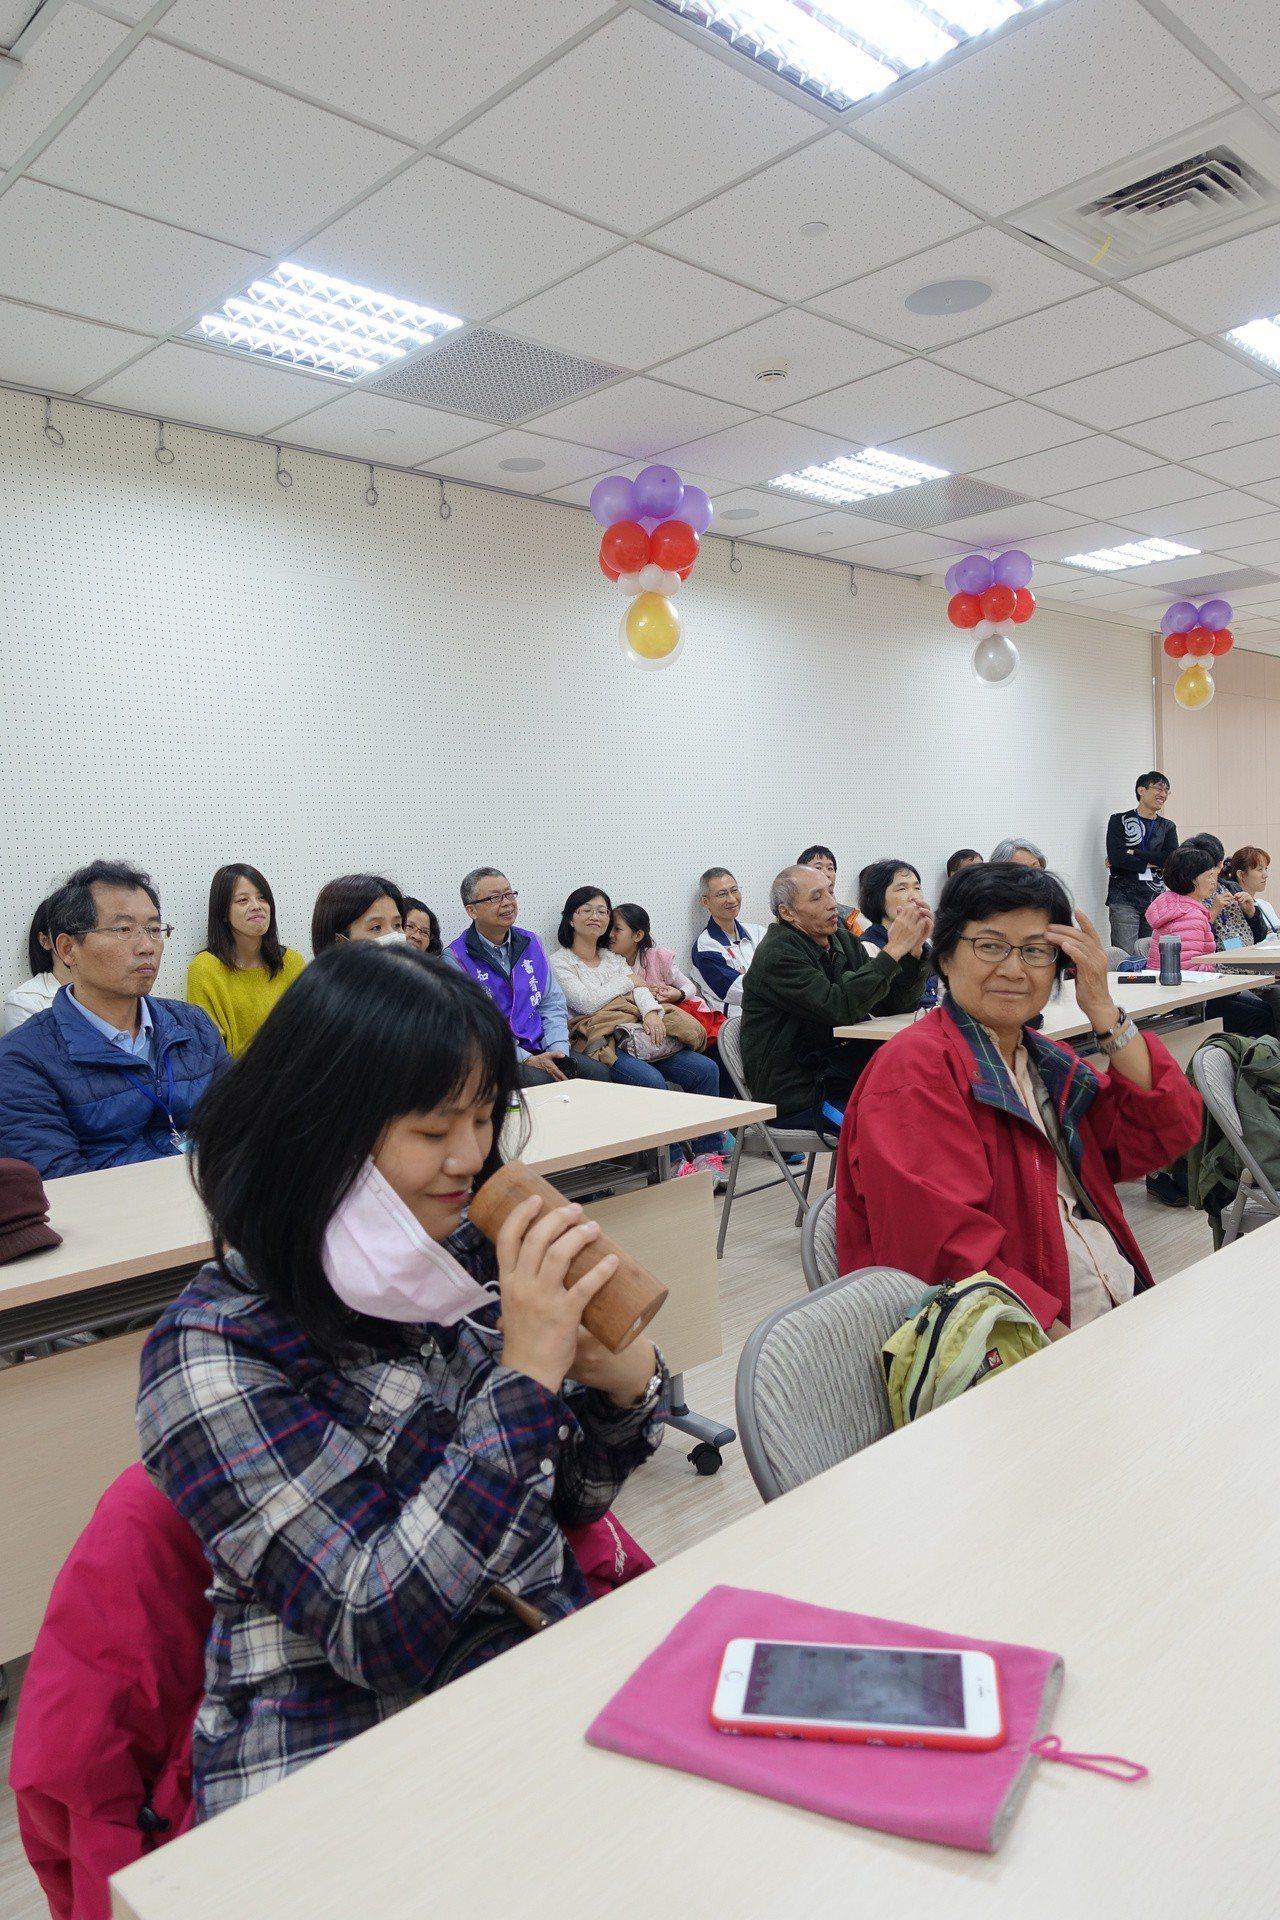 王浩一老師還分享獨特的紀念品,加深民眾對臺南文化的瞭解。 攝影/葉玉琴